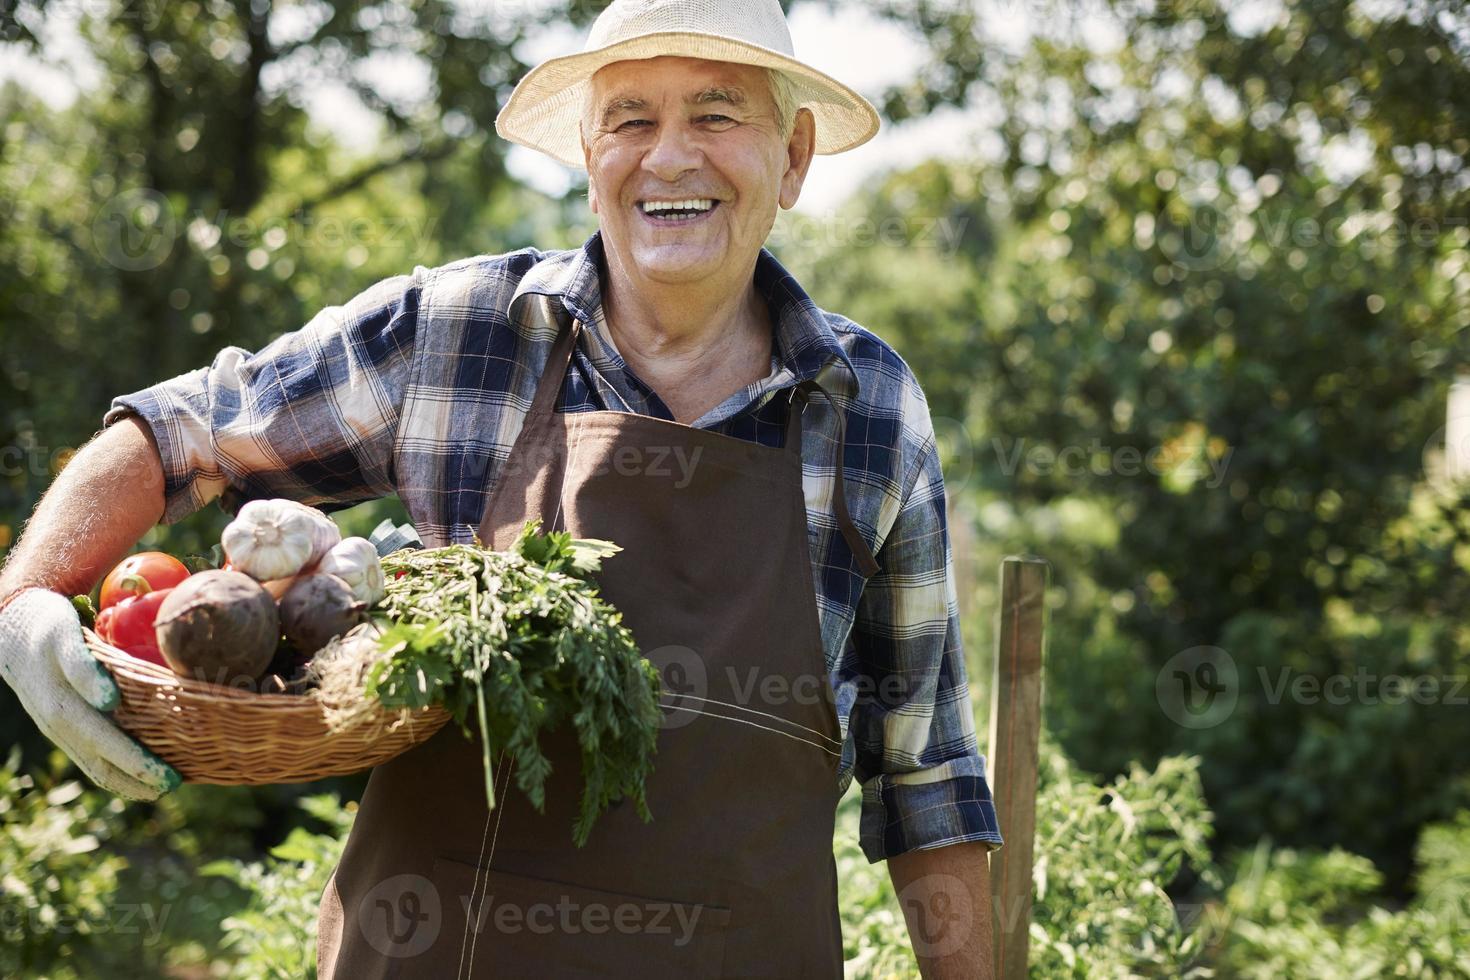 Mein Gemüse ist immer frisch und gesund foto